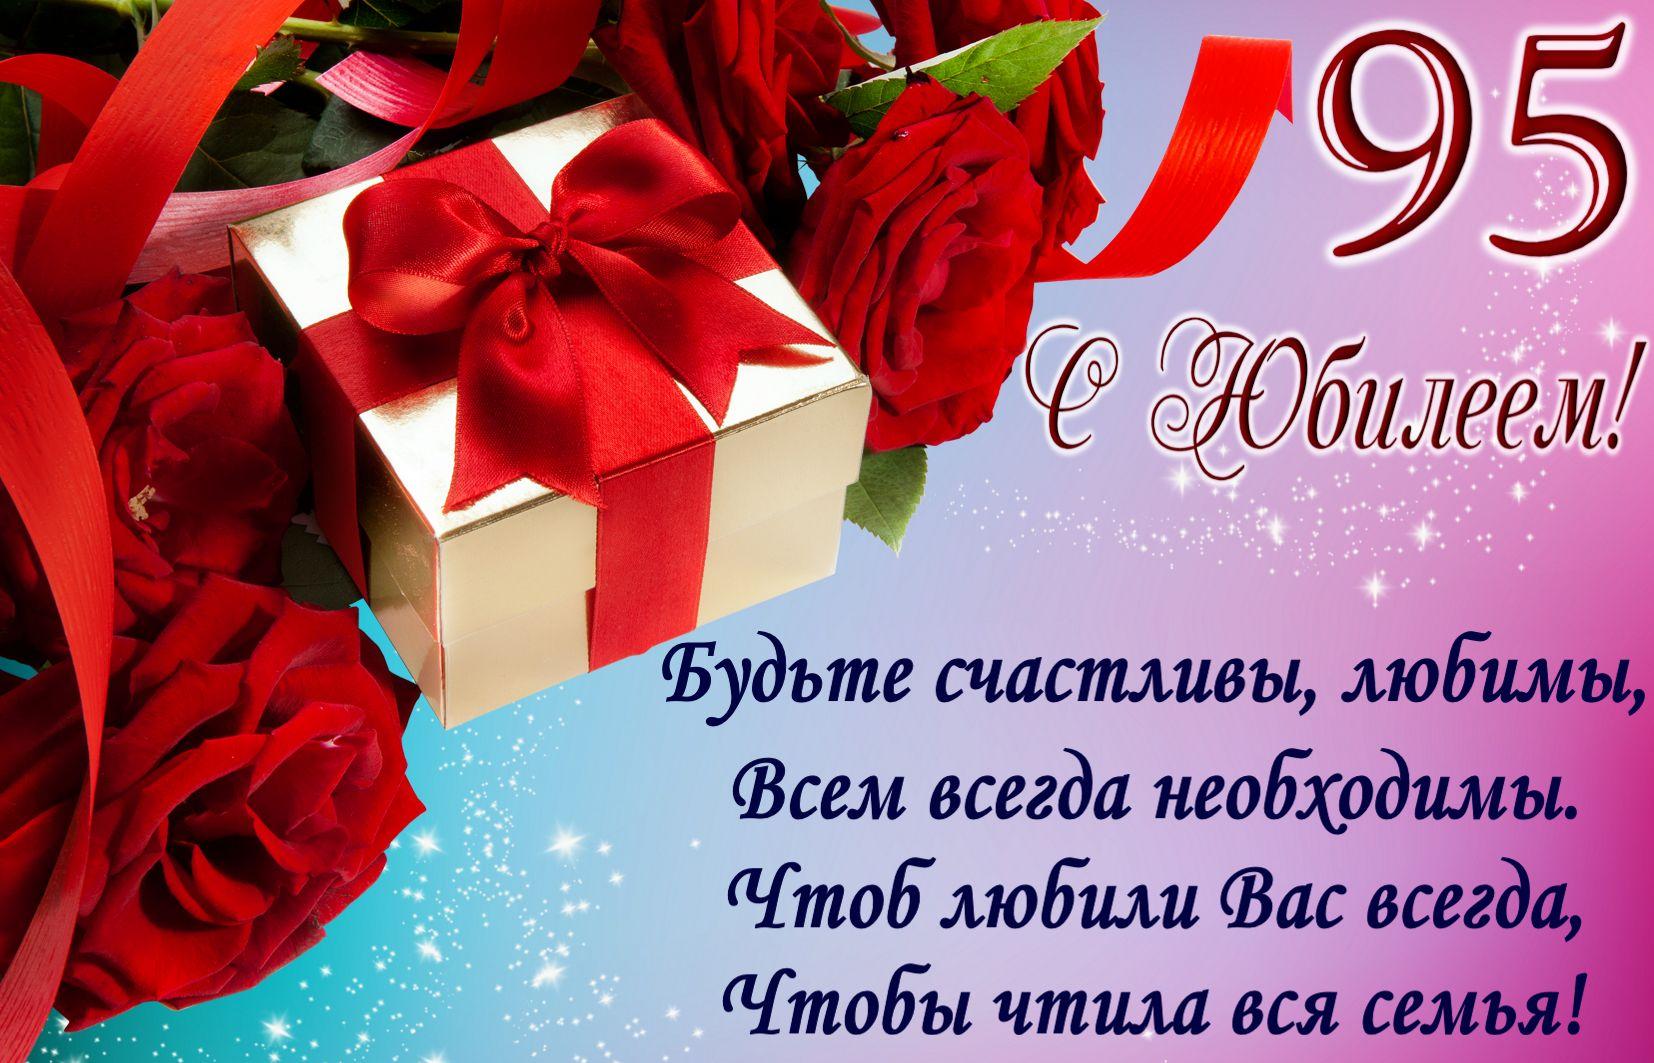 Открытка на юбилей 95 лет - пожелание и подарок на блестящем фоне